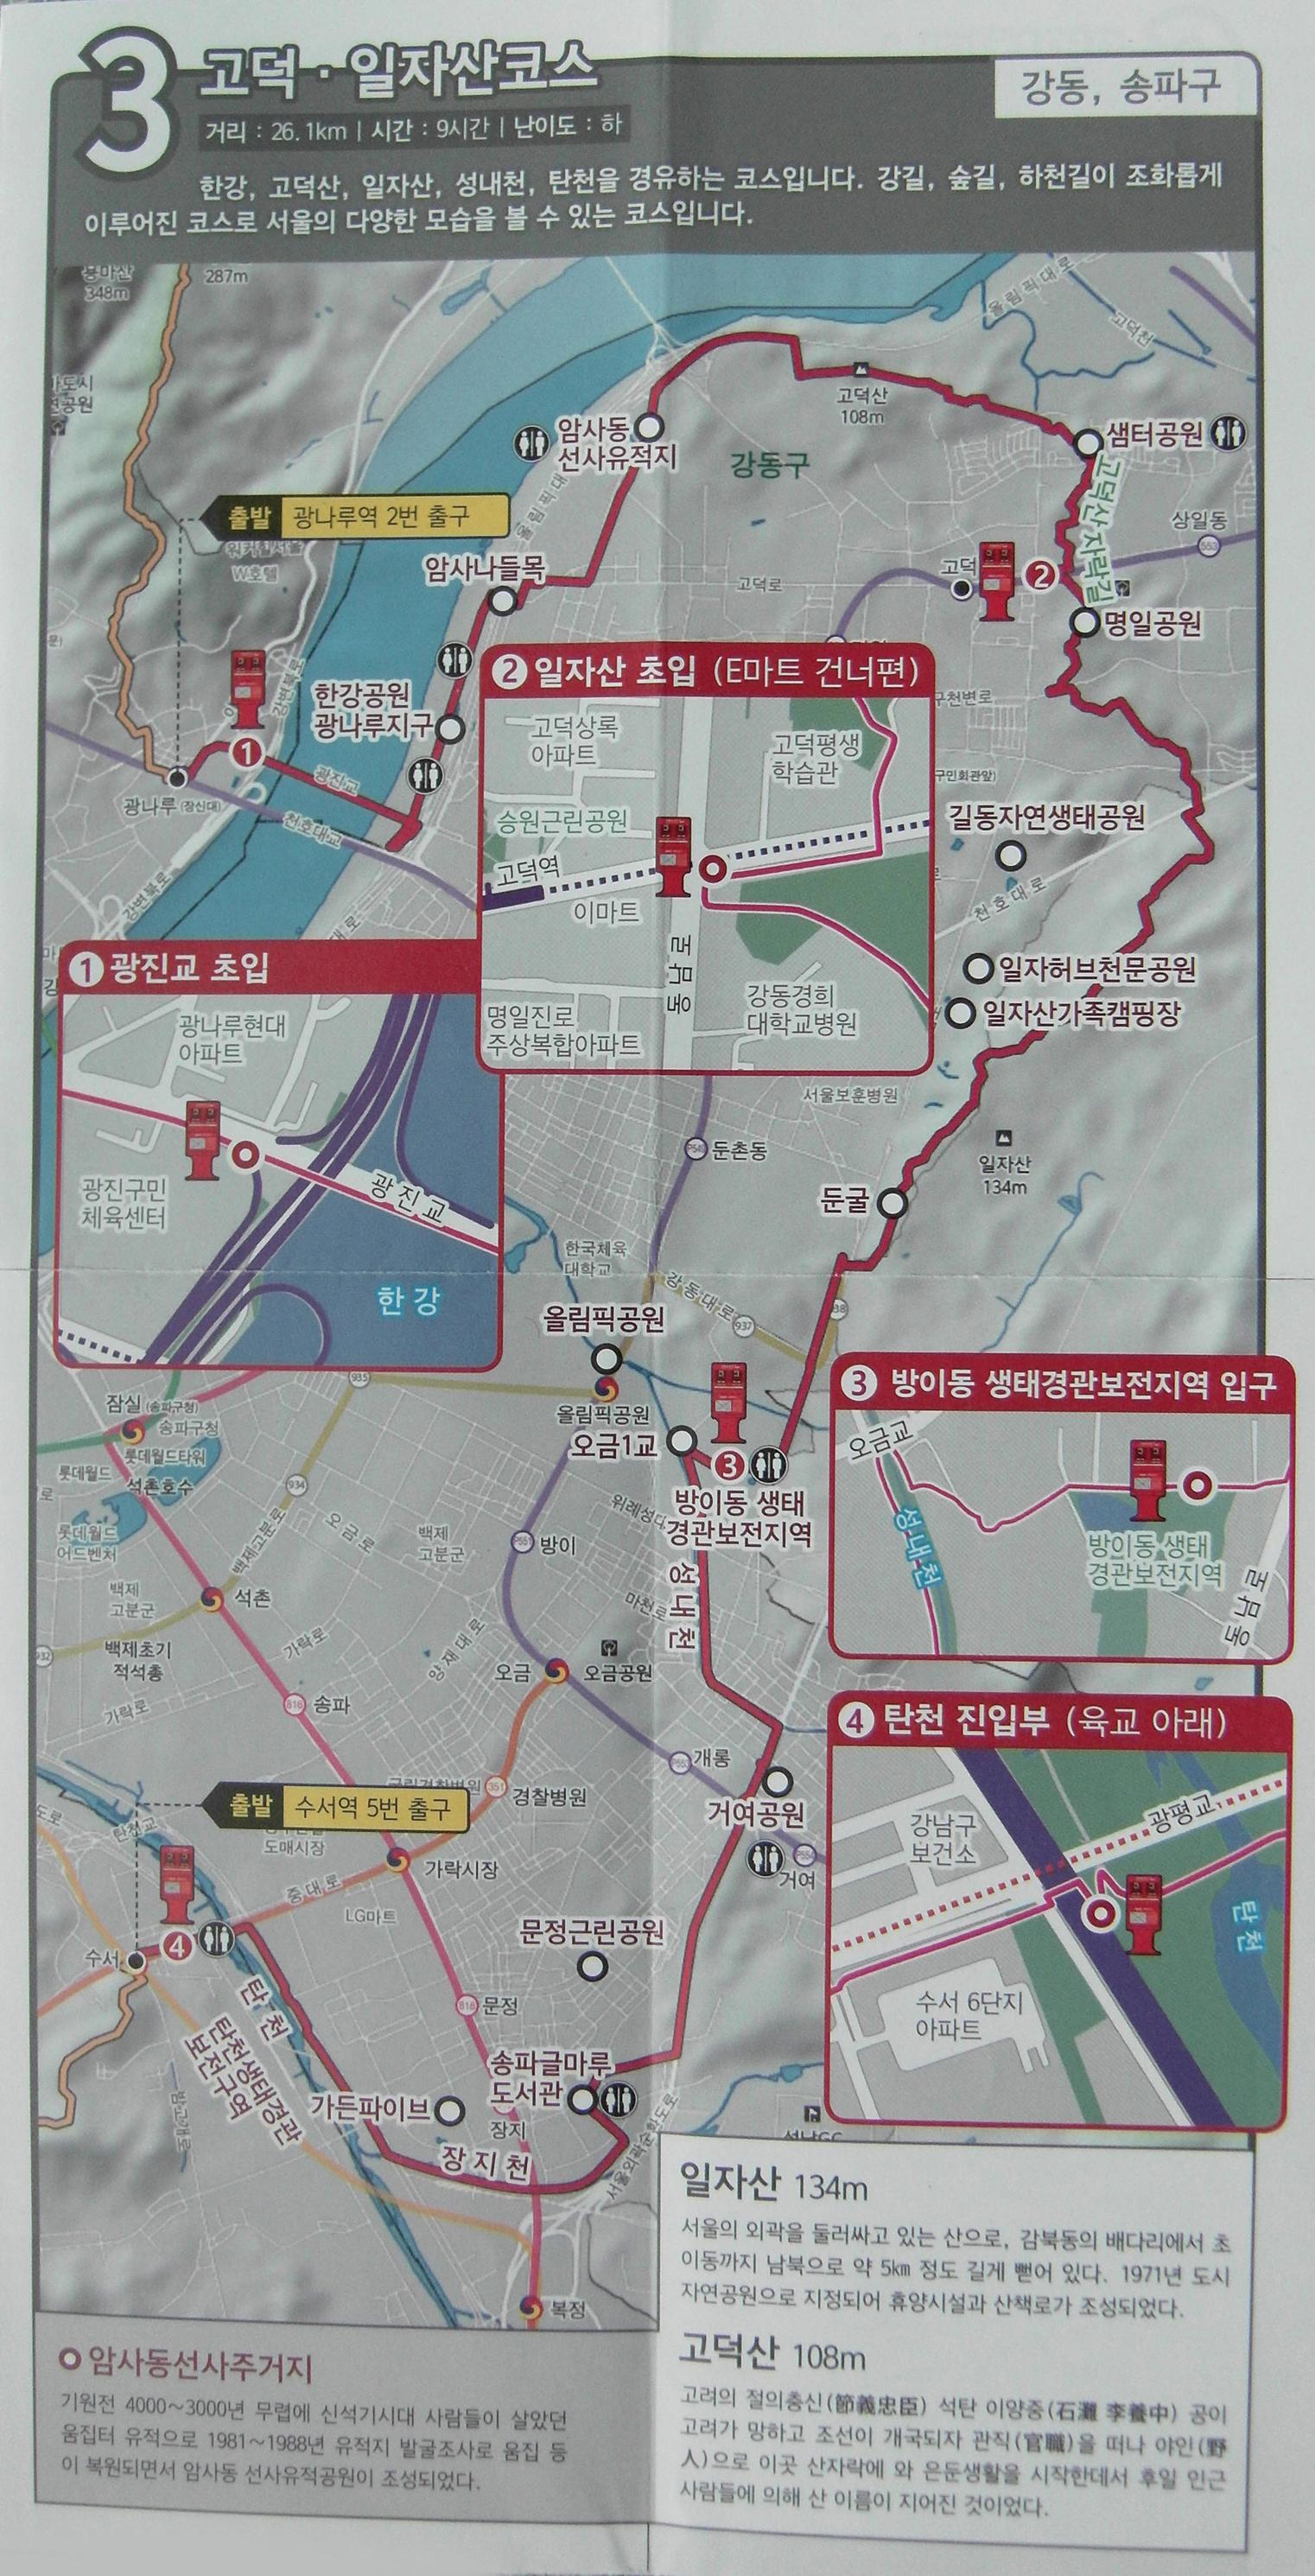 서울둘레길 3-2코스(일자산구간)- 중앙보훈병원역에서 일자산정상 지나 수서역까지